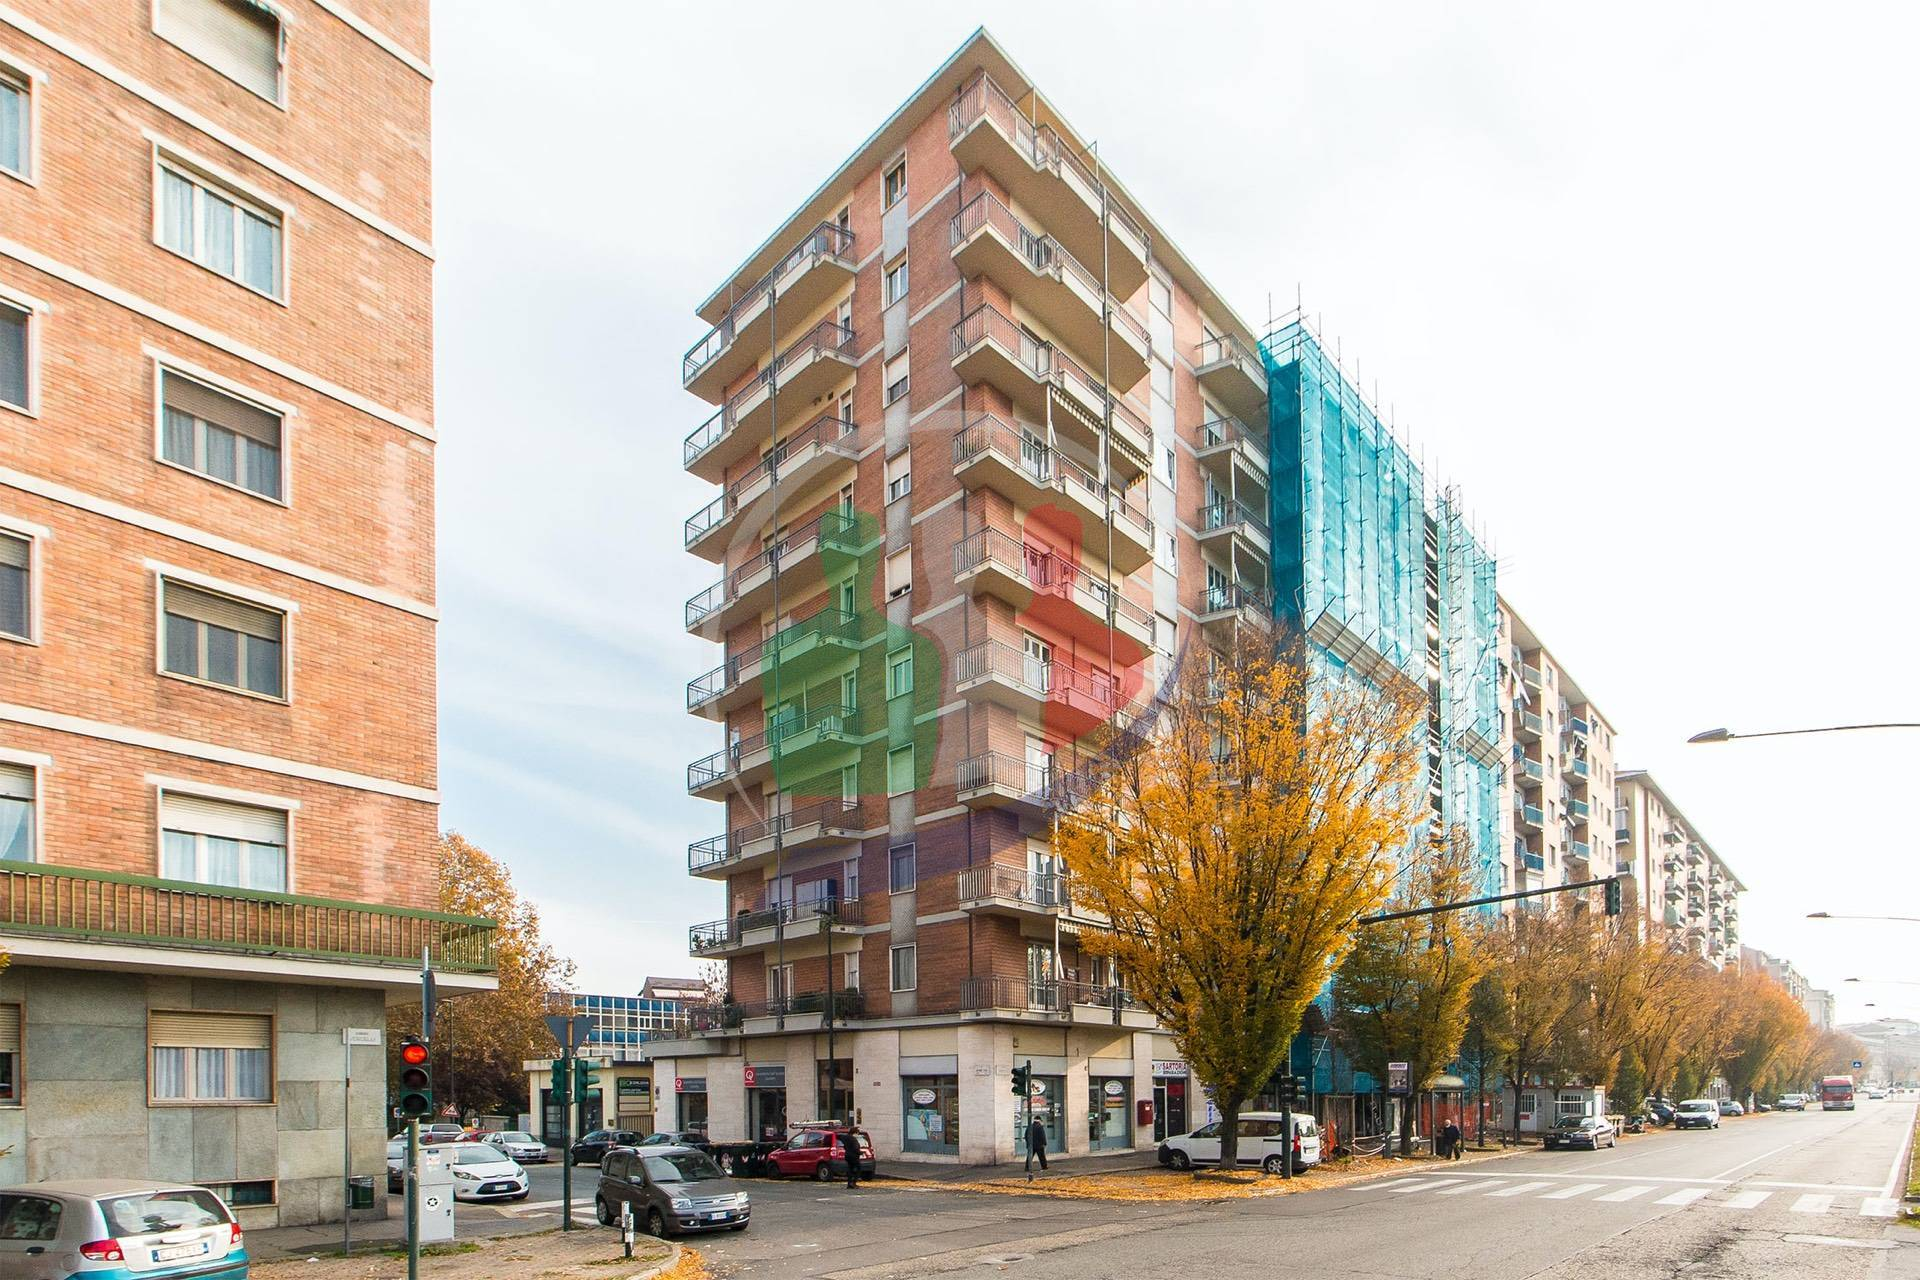 Appartamento in vendita a Torino, 2 locali, zona Località: BorgataVittoria, prezzo € 68.000 | PortaleAgenzieImmobiliari.it